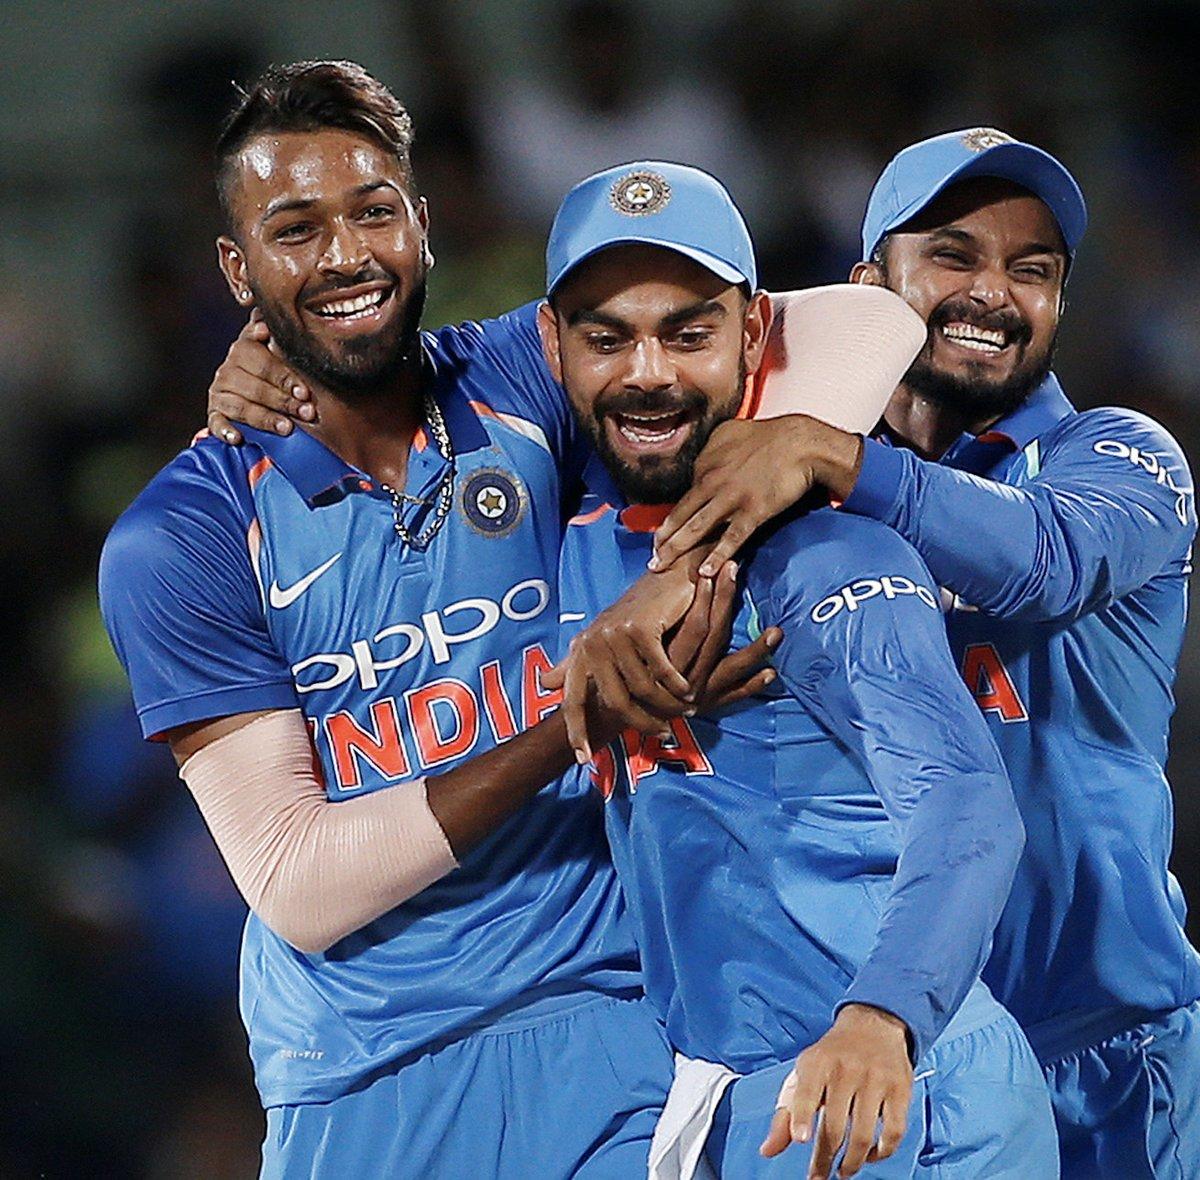 पहले बल्लेबाजी और फिर गेंदबाजी में शानदार प्रदर्शन के बाद वीरेंद्र सहवाग ने हार्दिक पांड्या को दिया ये नाम 5